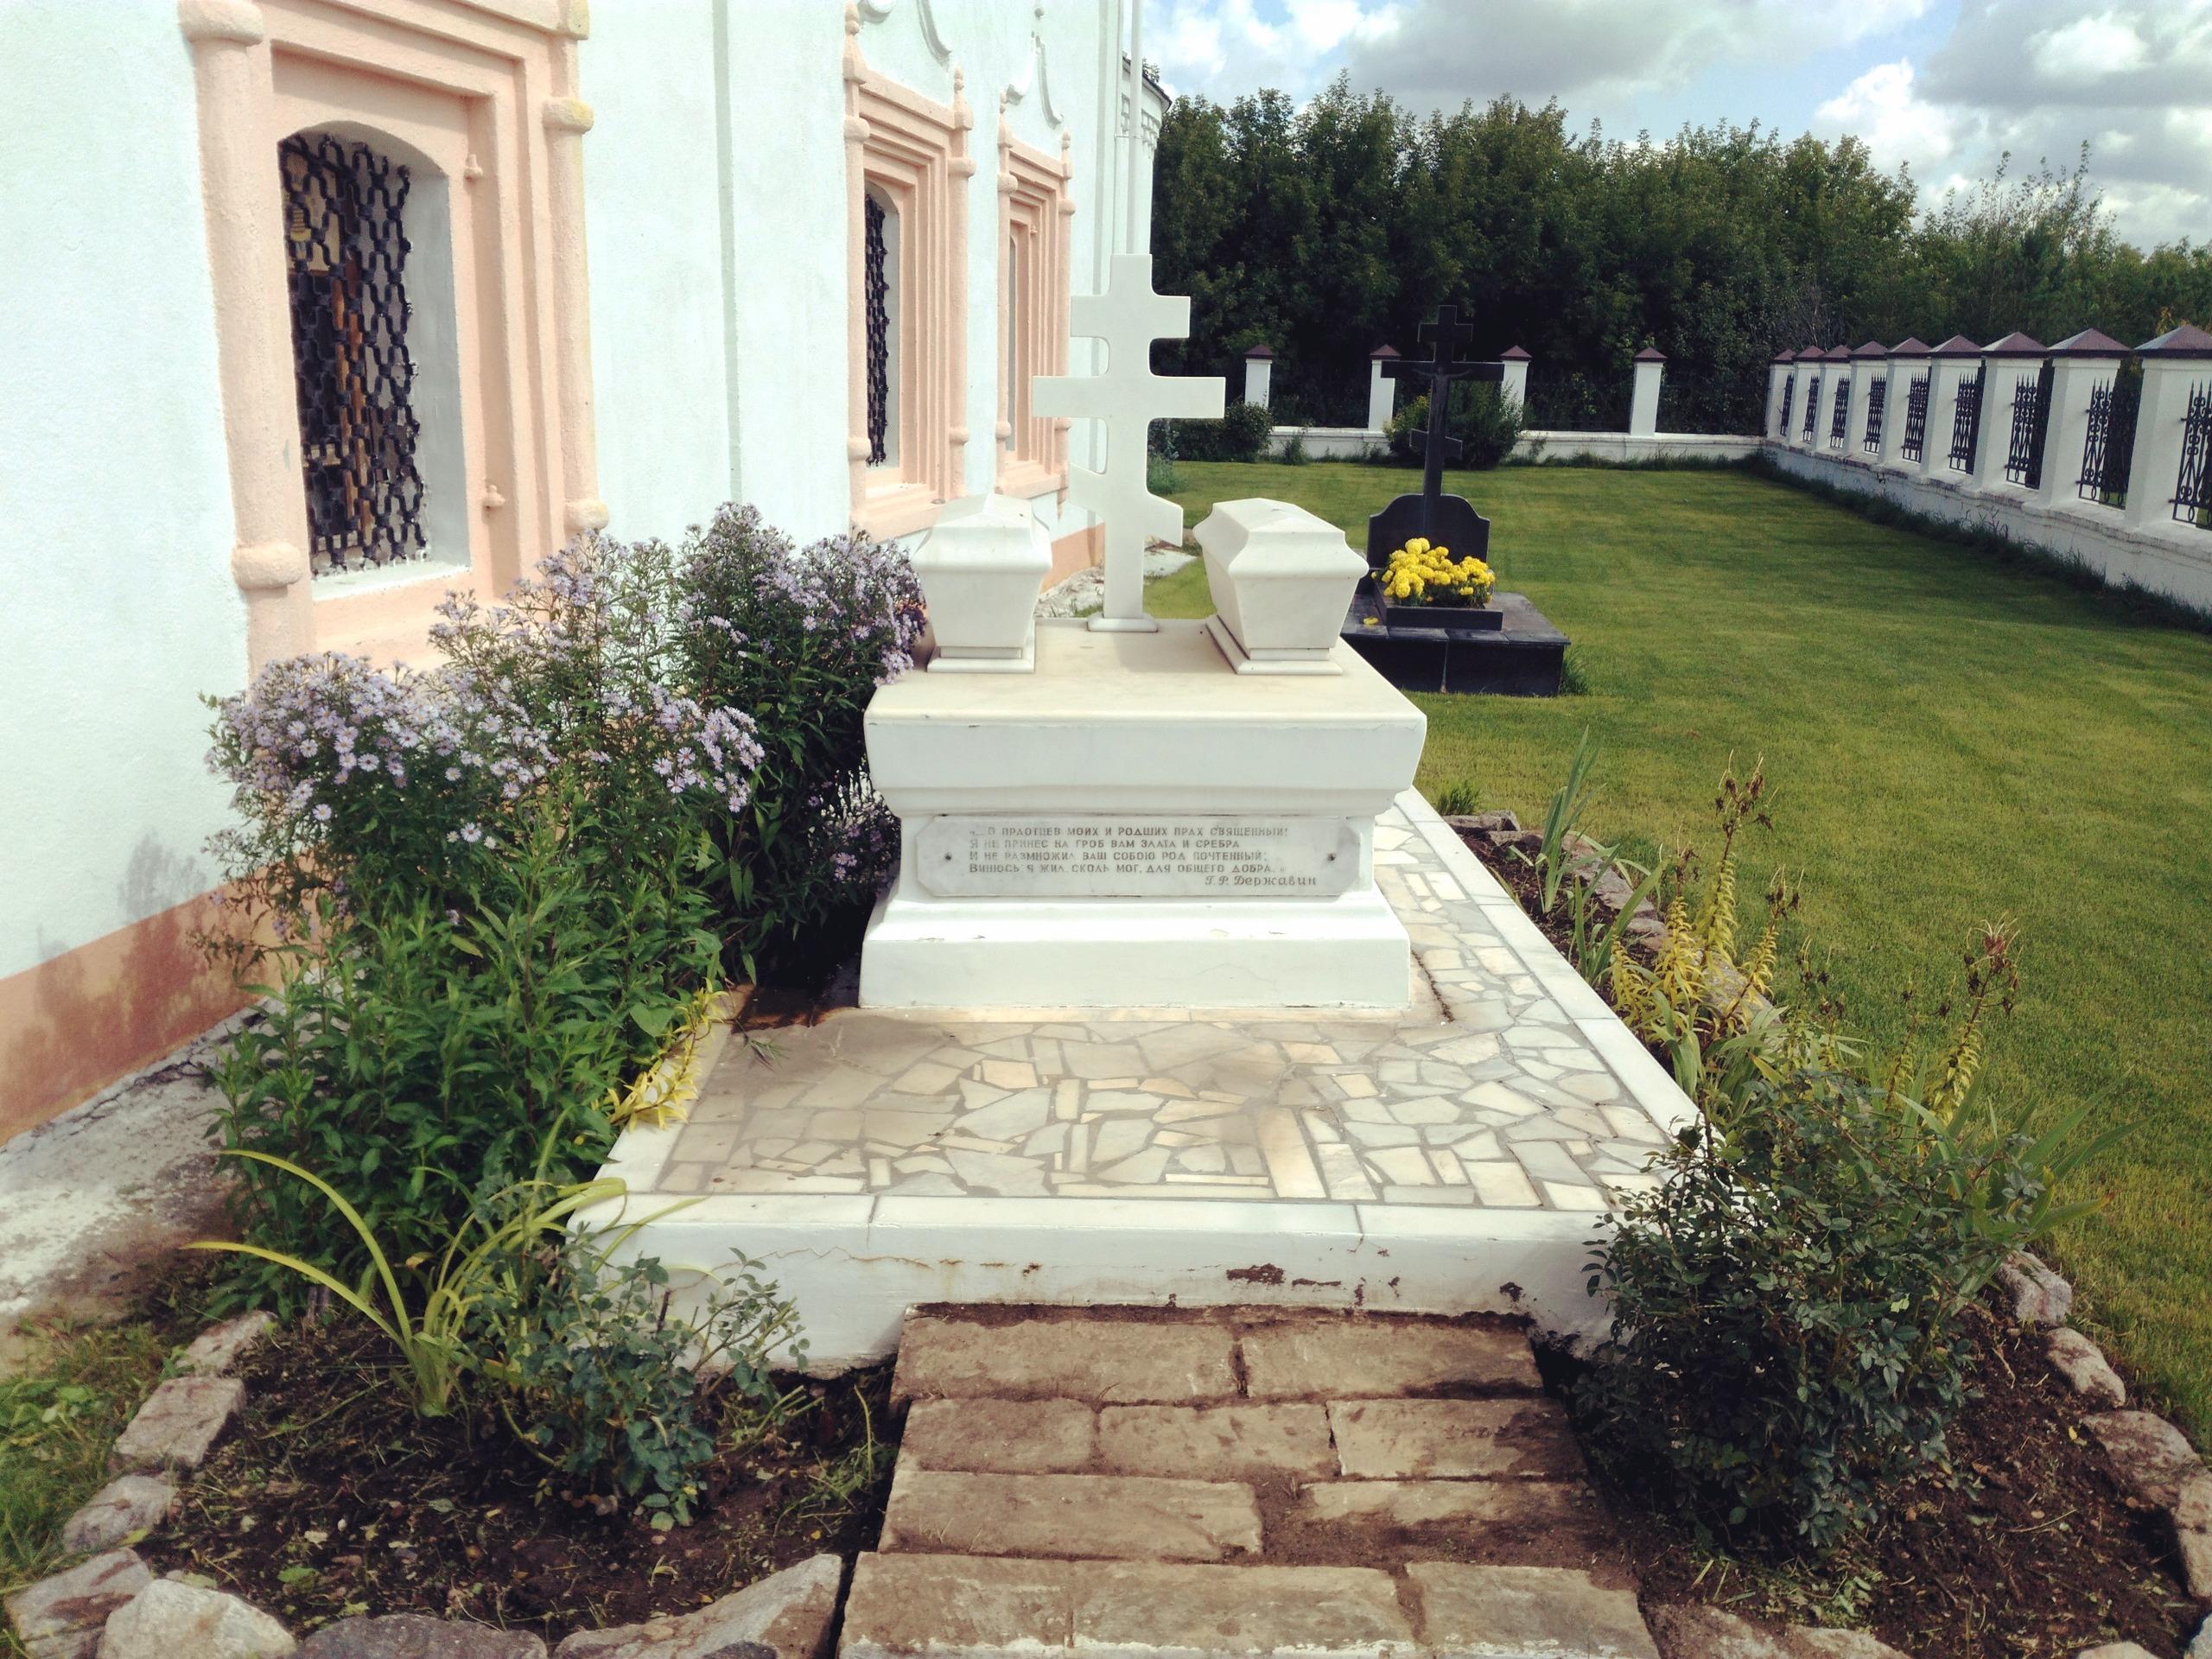 Возле церкви были похоронены родители поэта: секунд-майор Роман Николаевич Державин (ум. 1753) и Фёкла Андреевна Державина (Козлова) (ум. 1784).